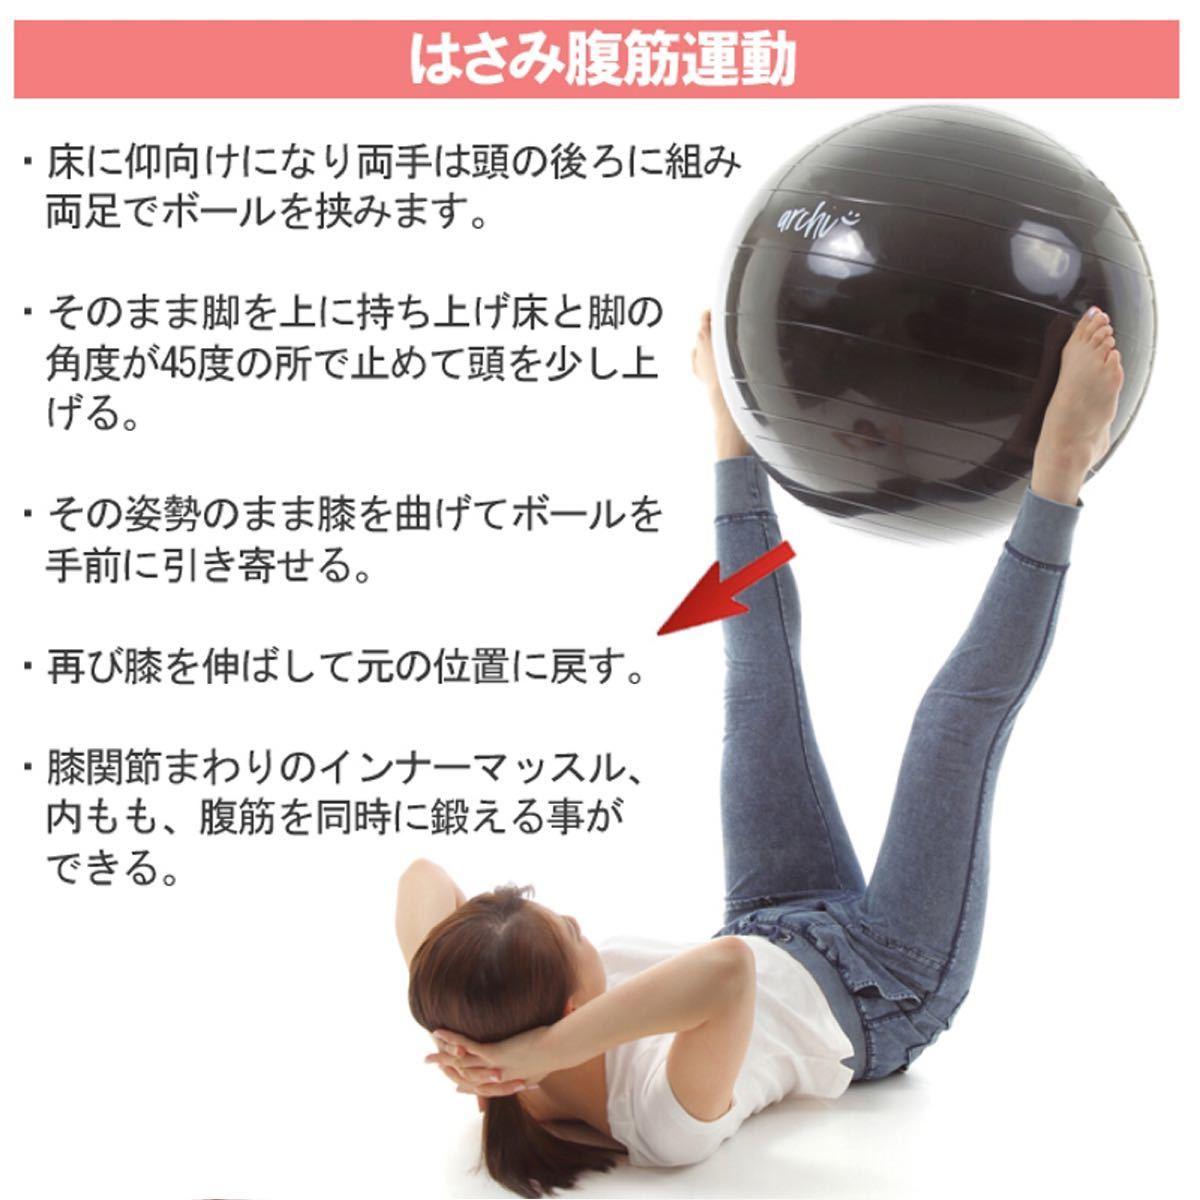 バランスボール ポンプ付 65cm エクササイズ ヨガ フィットネスボール 体幹トレーニング アンチバースト